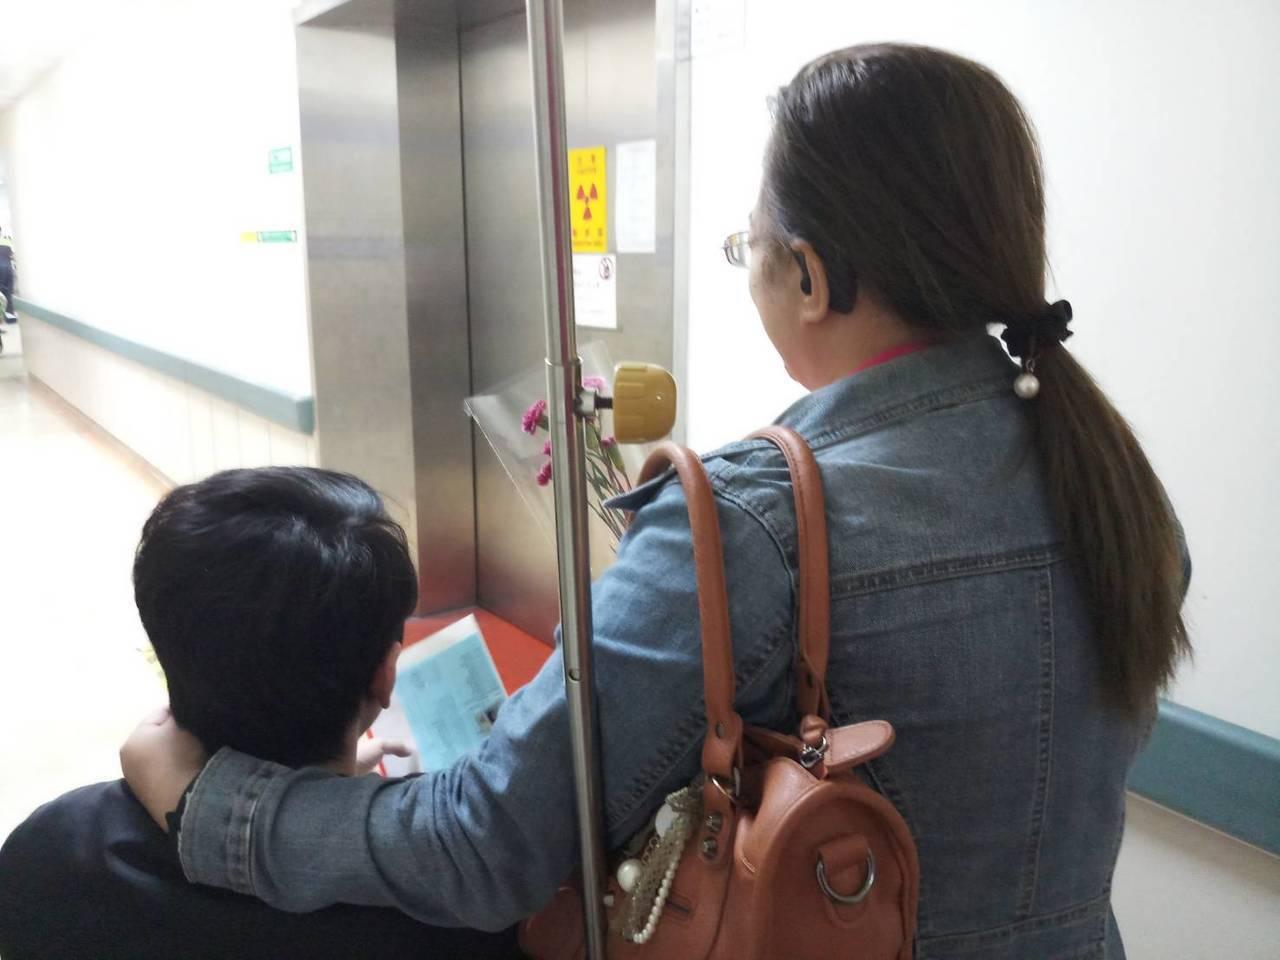 張姓婦人陪著離散23年的兒子到醫院檢查,溫馨互動讓人動容。圖/新竹市政府提供